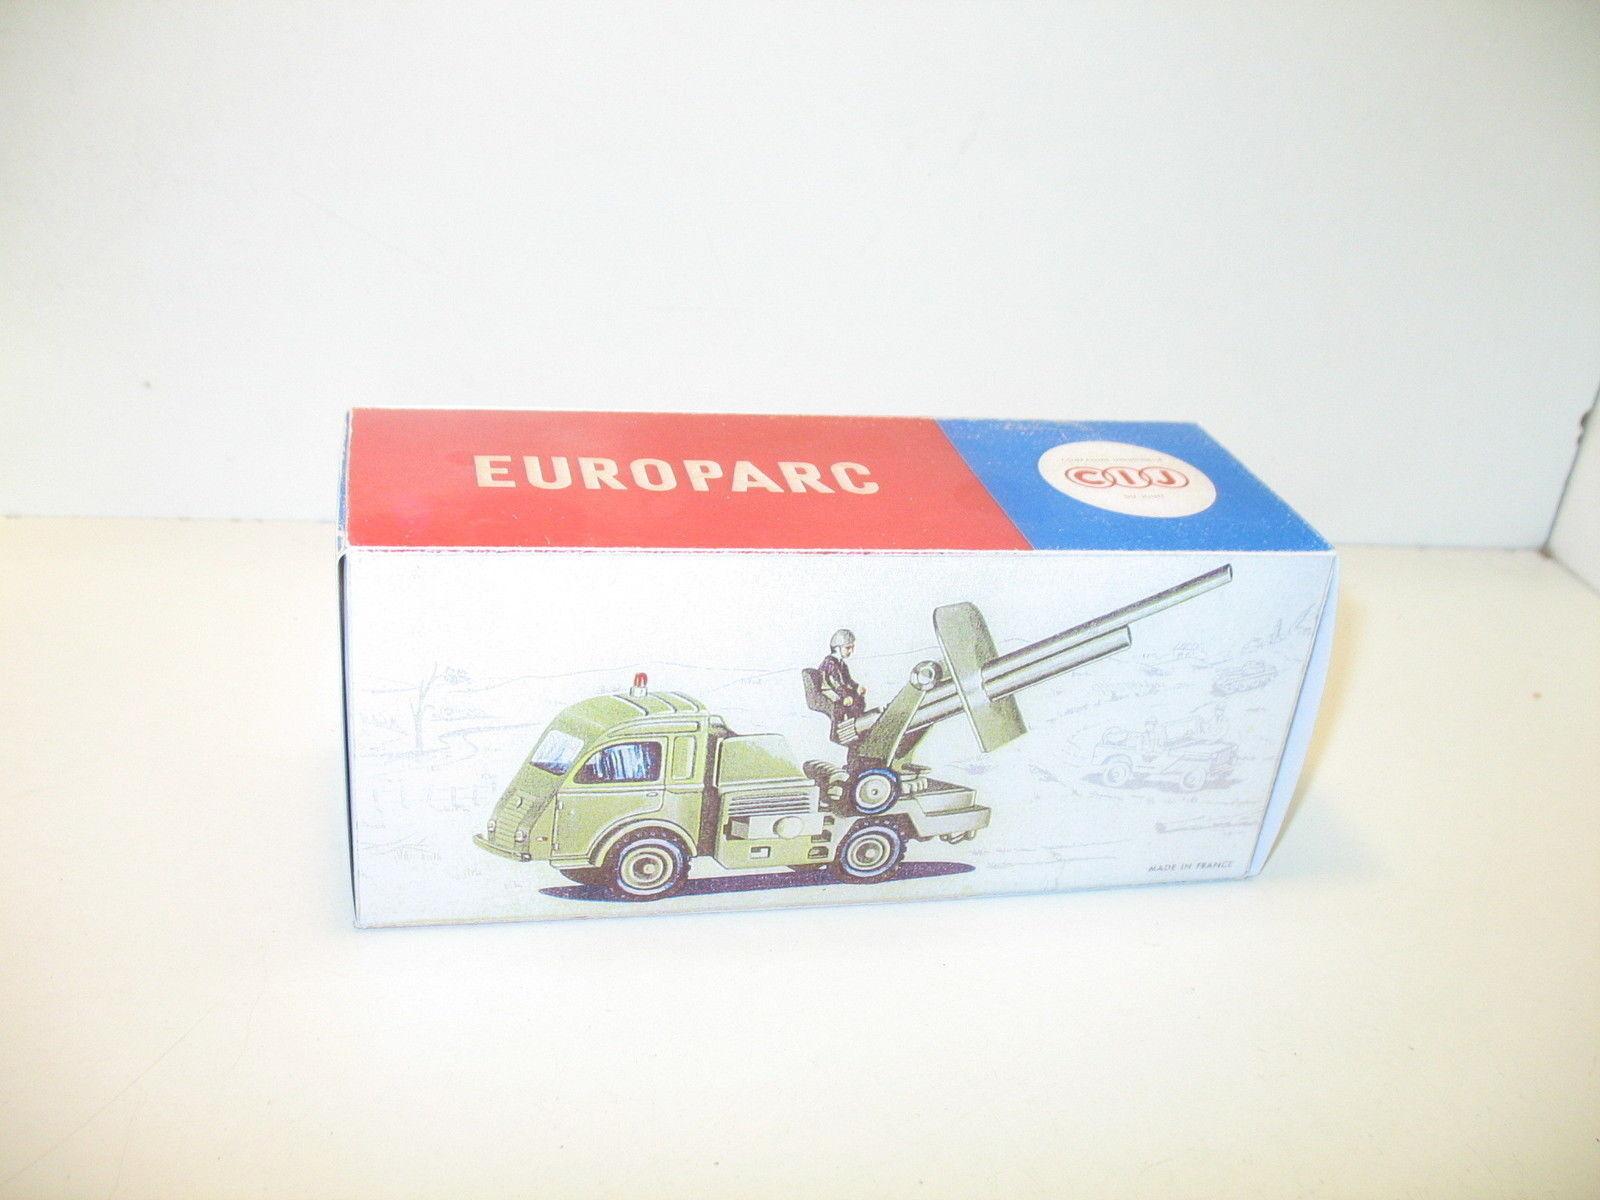 N113, Schachtel repro Lastwagen renault canon Militär, CIJ